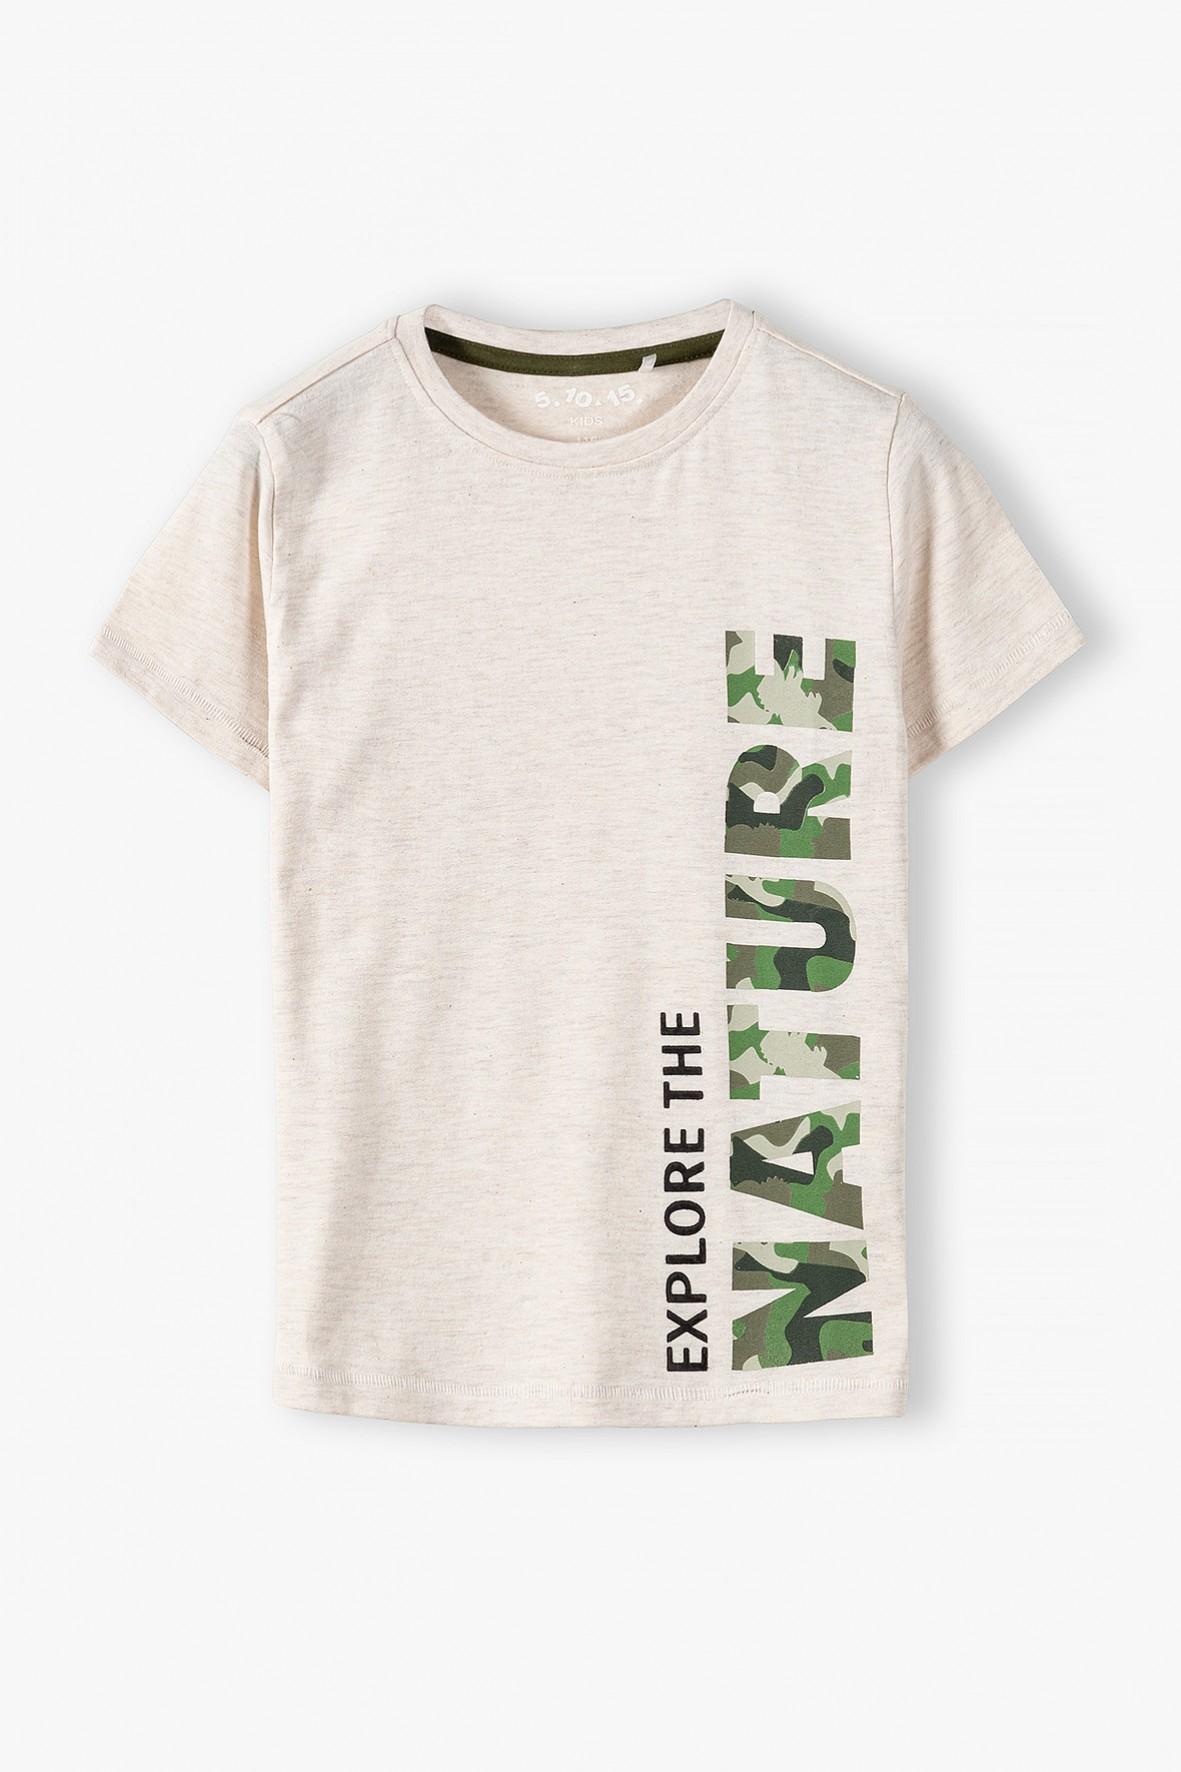 T-shirt chłopięcy w kolorze beżowym z napisem moro Nature